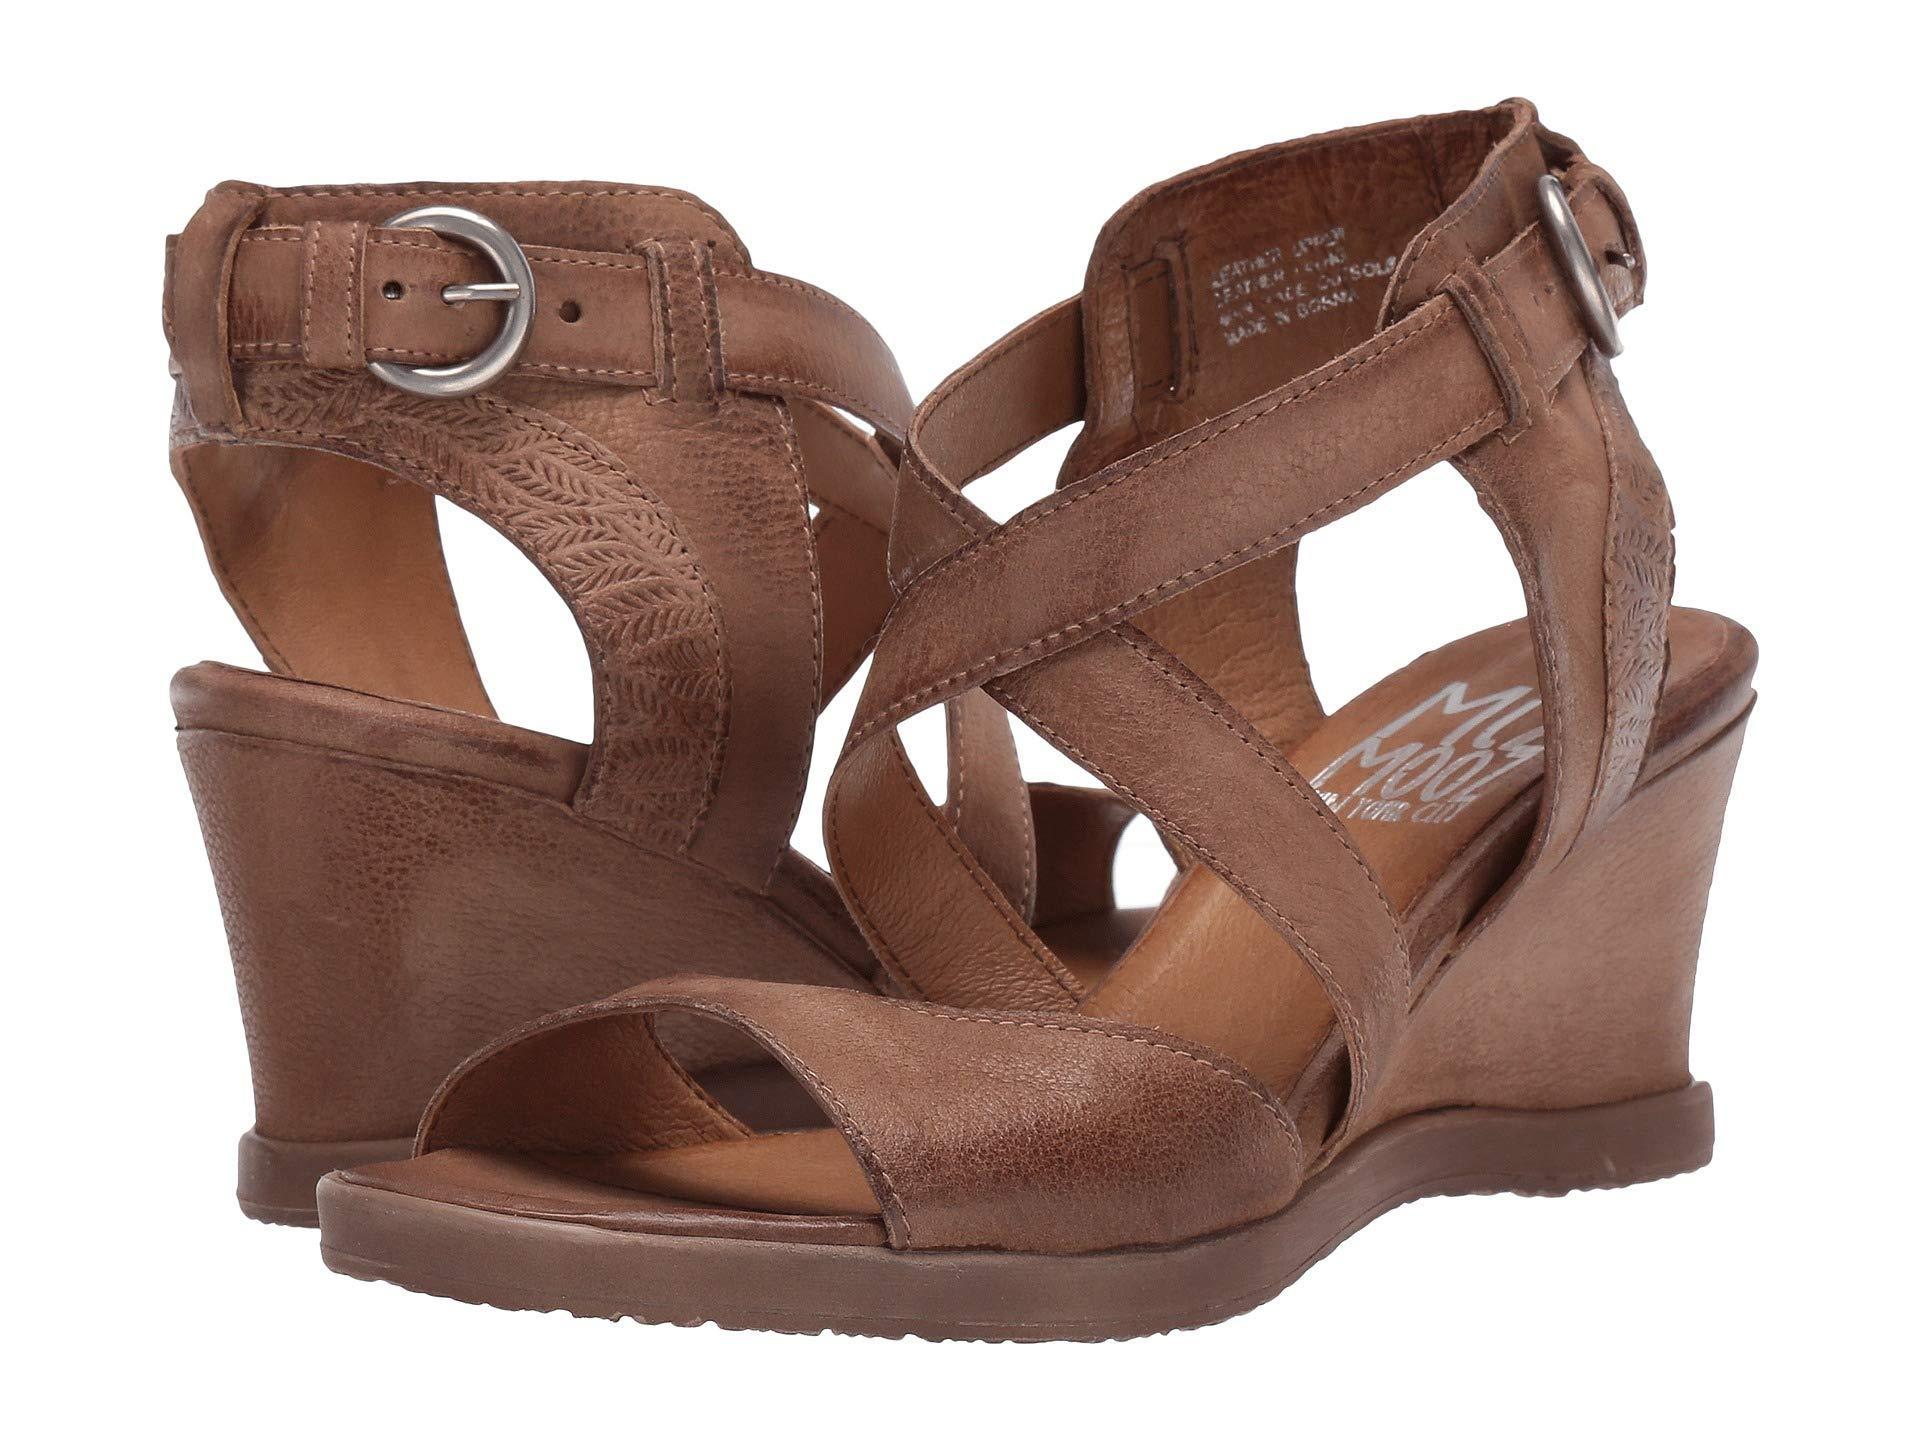 aff4464e565 Lyst - Miz Mooz Braden (sage) Women s Wedge Shoes in Brown